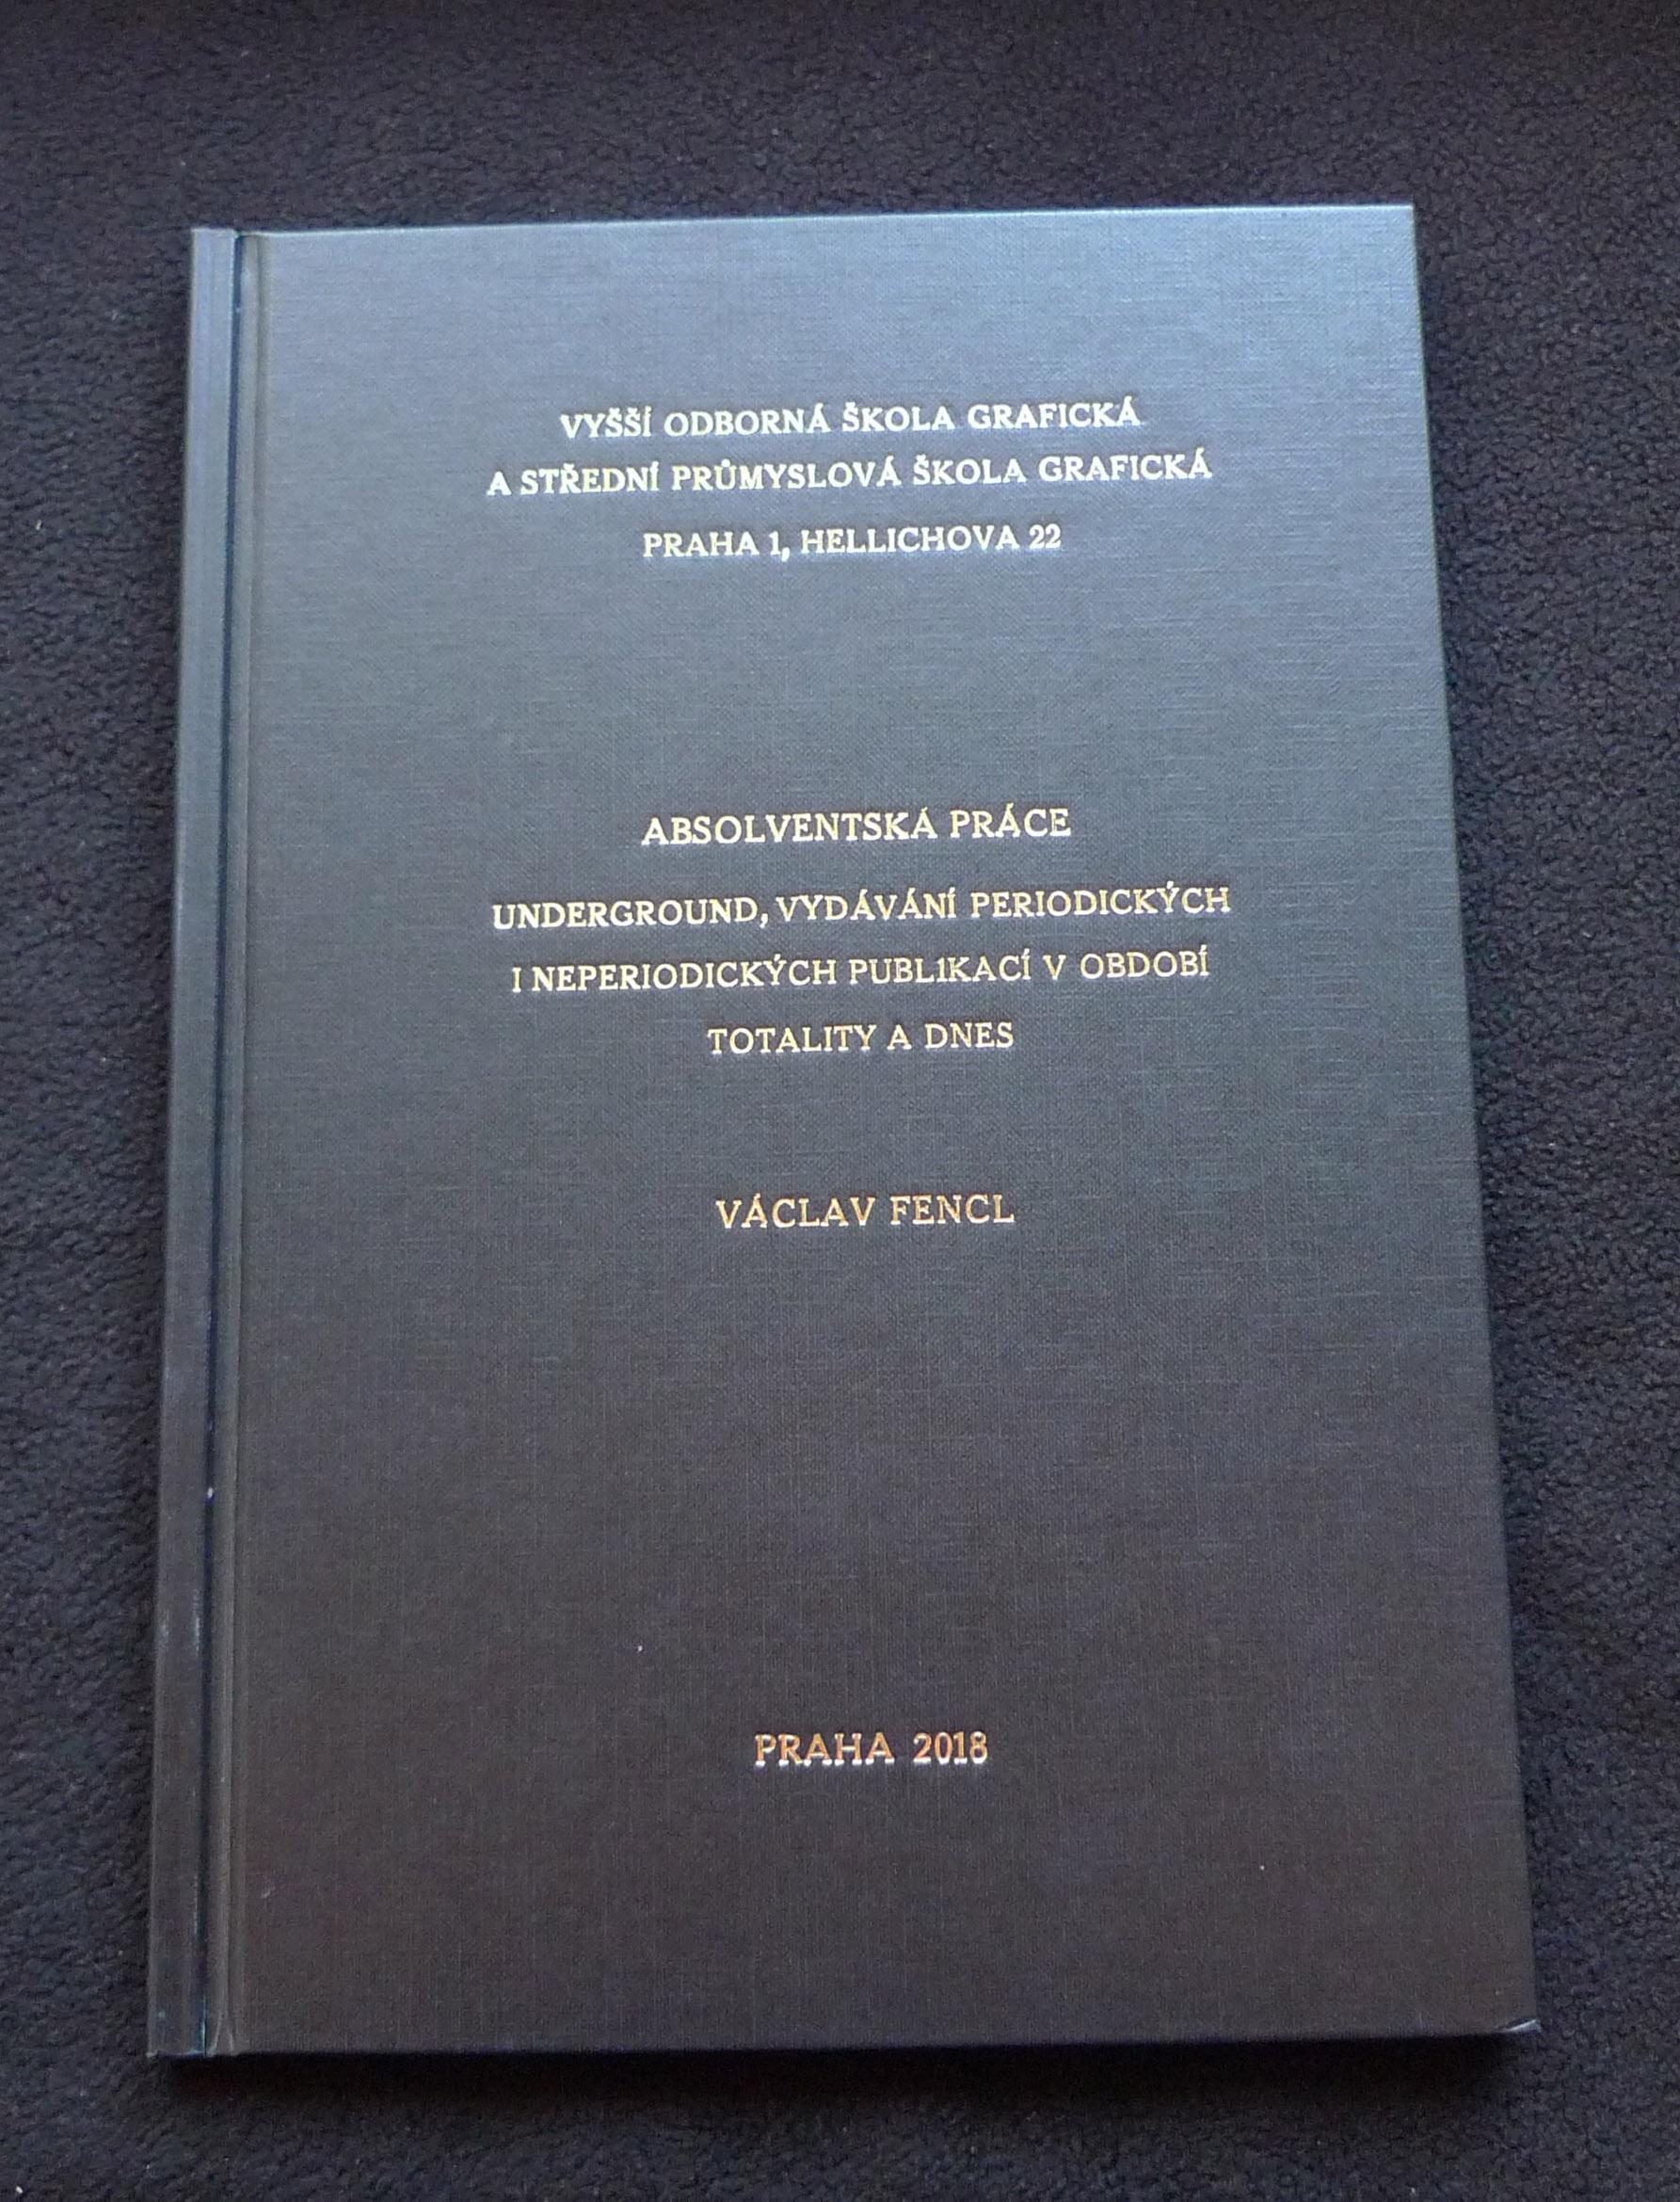 Absolventská práce G305 | 2018<br> Underground, vydávání periodických i neperiodických publikací v období totality a dnes